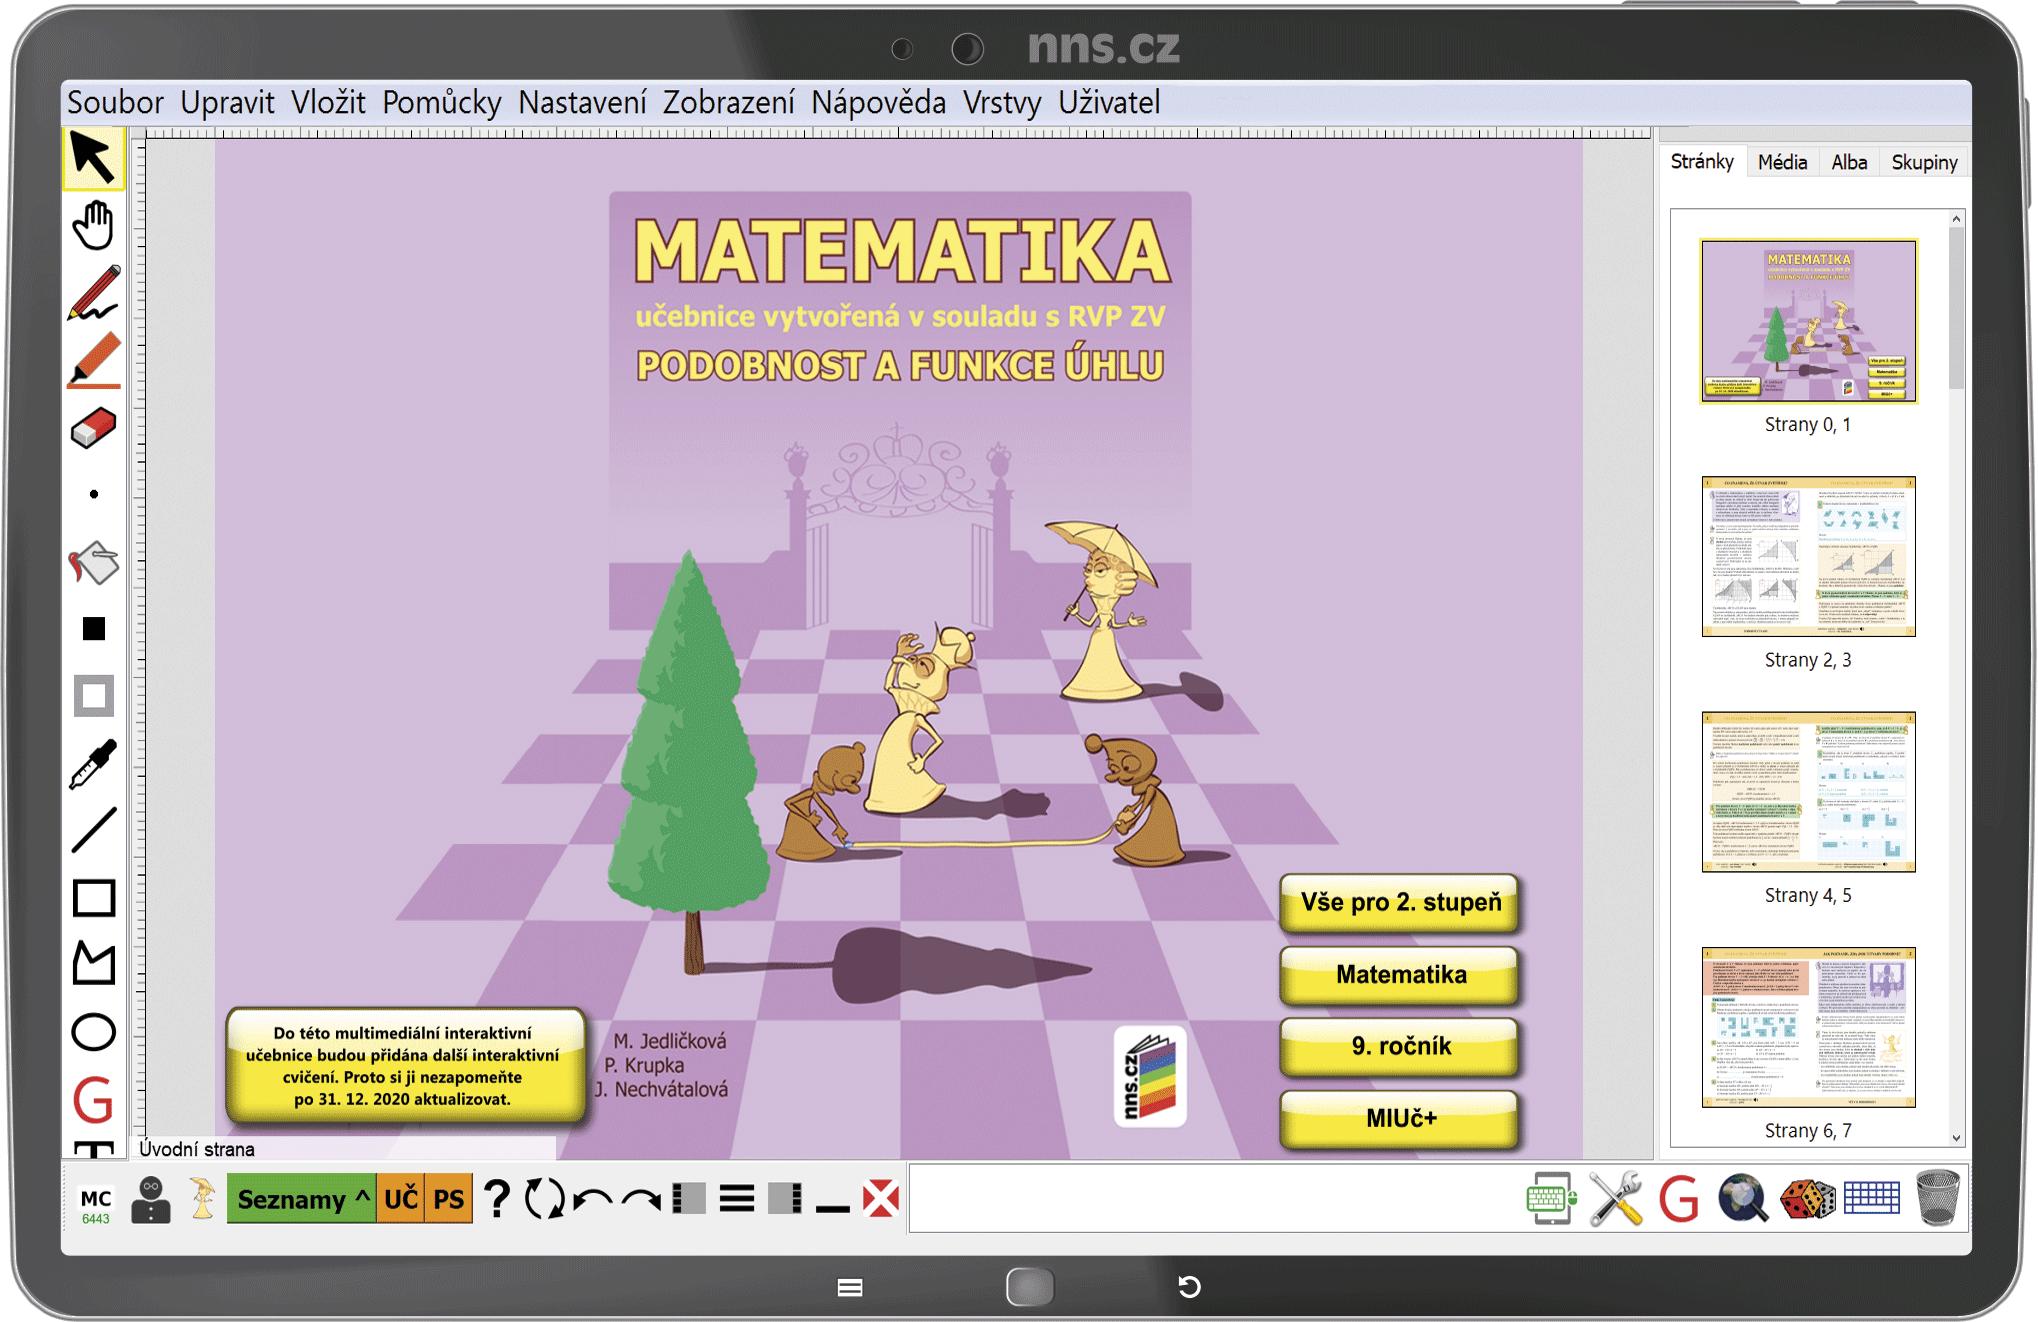 MIUč+ Matematika - Podobnost a funkce úhlu – školní licence pro 1 učitele na 1 školní rok